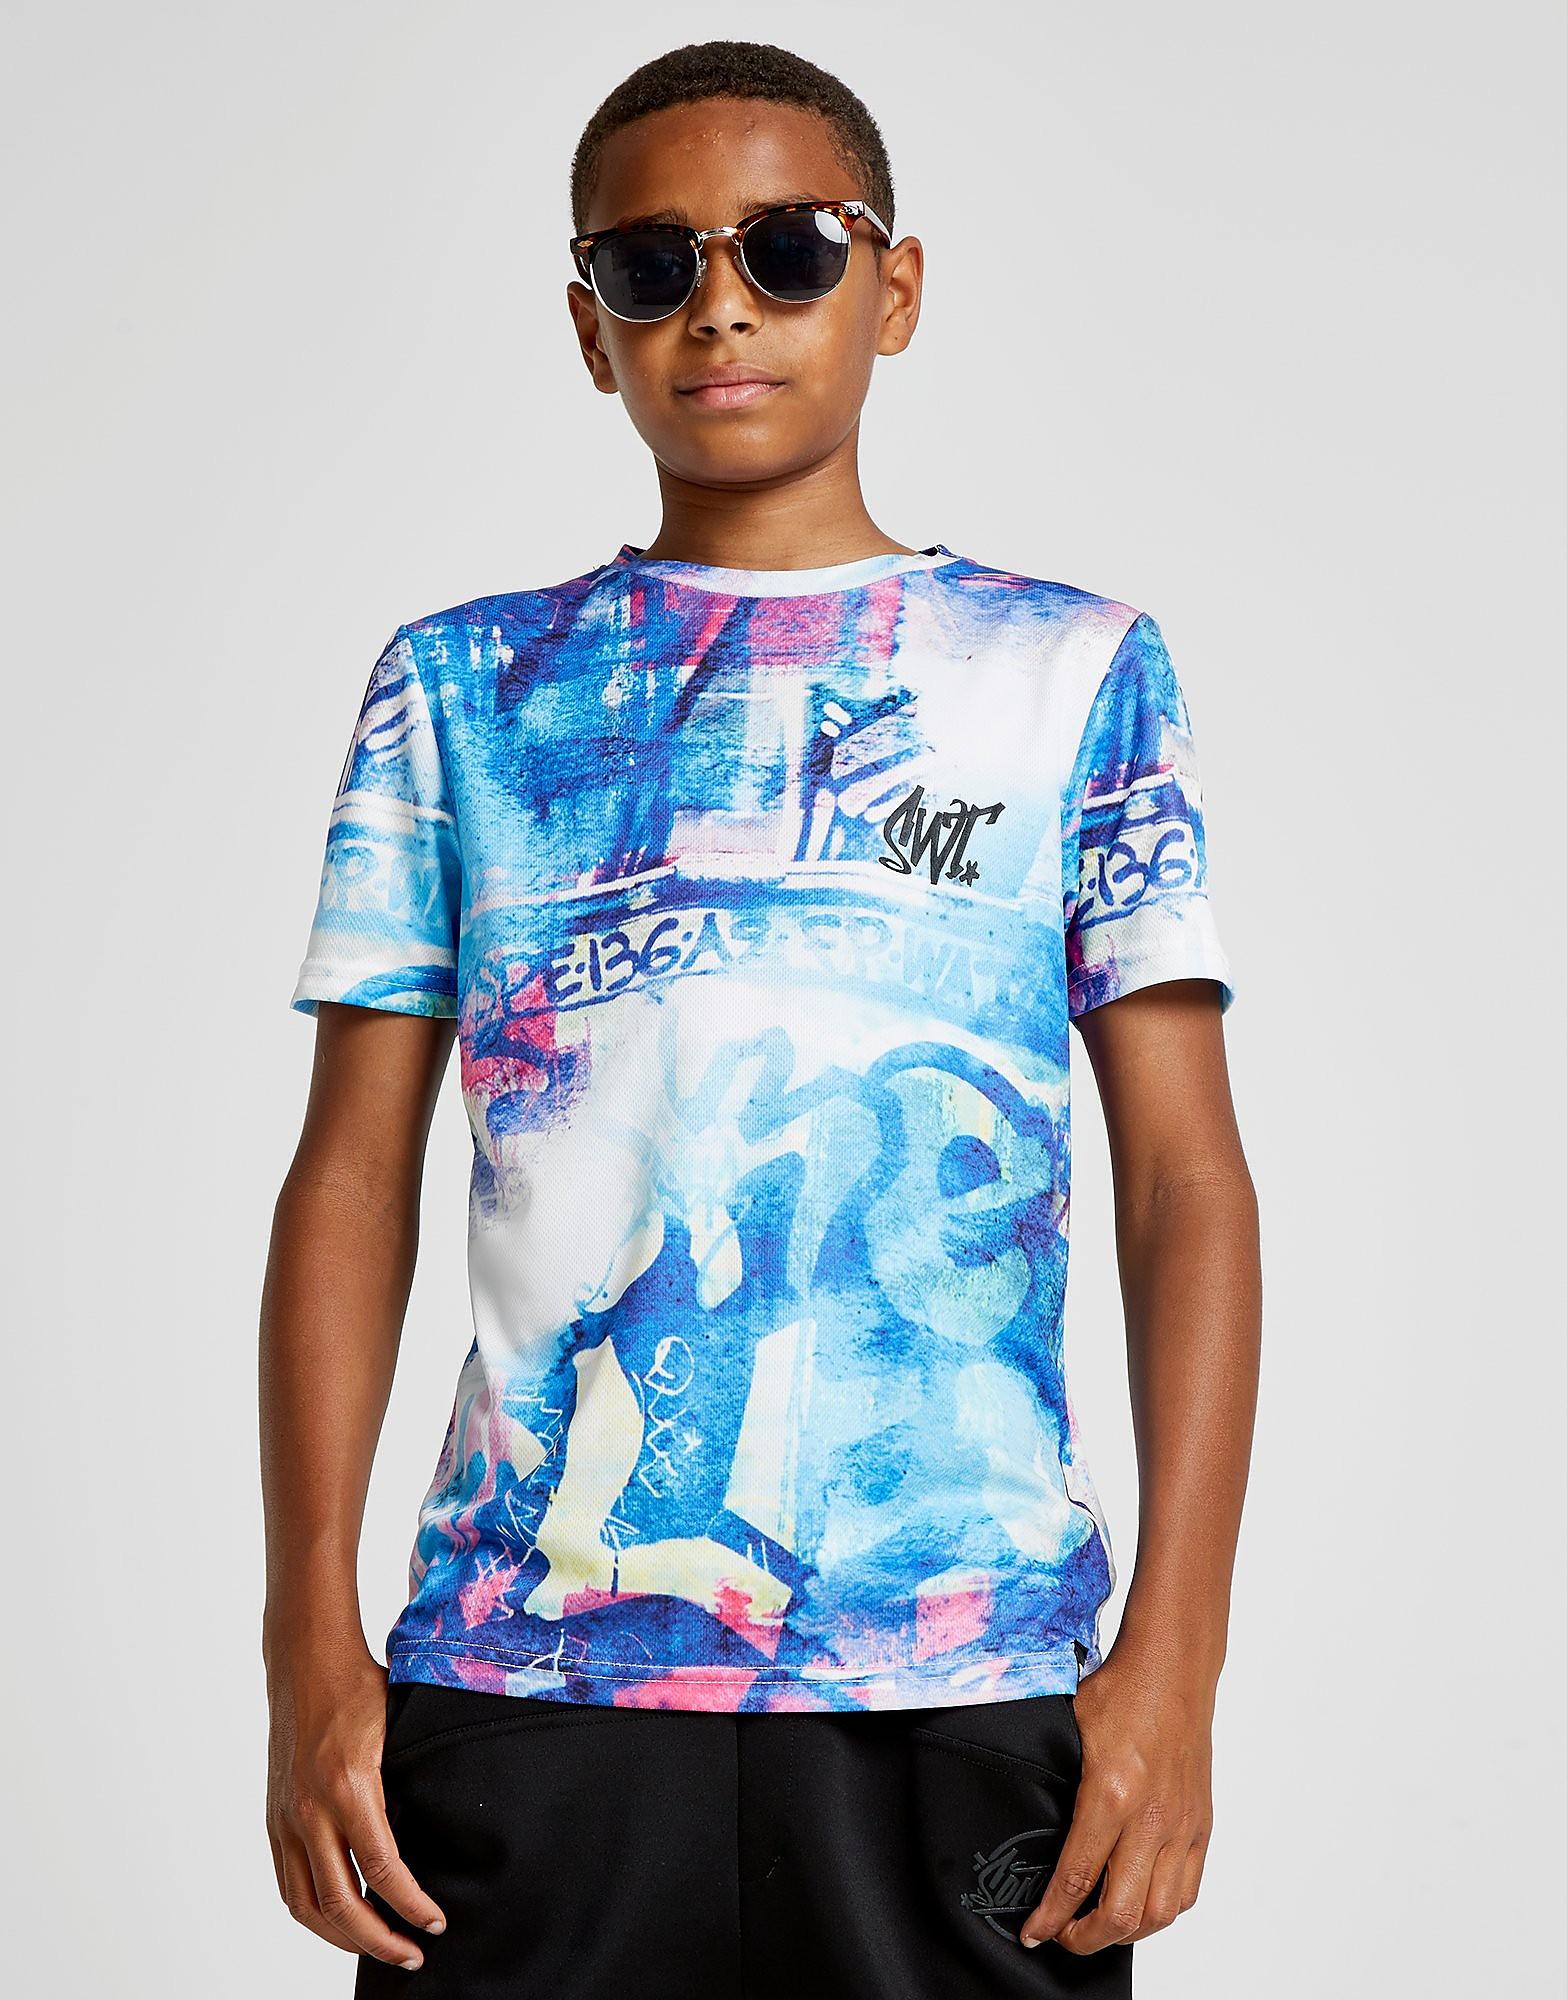 Sonneti Graffiti 1 T-Shirt Junior - Blauw - Kind